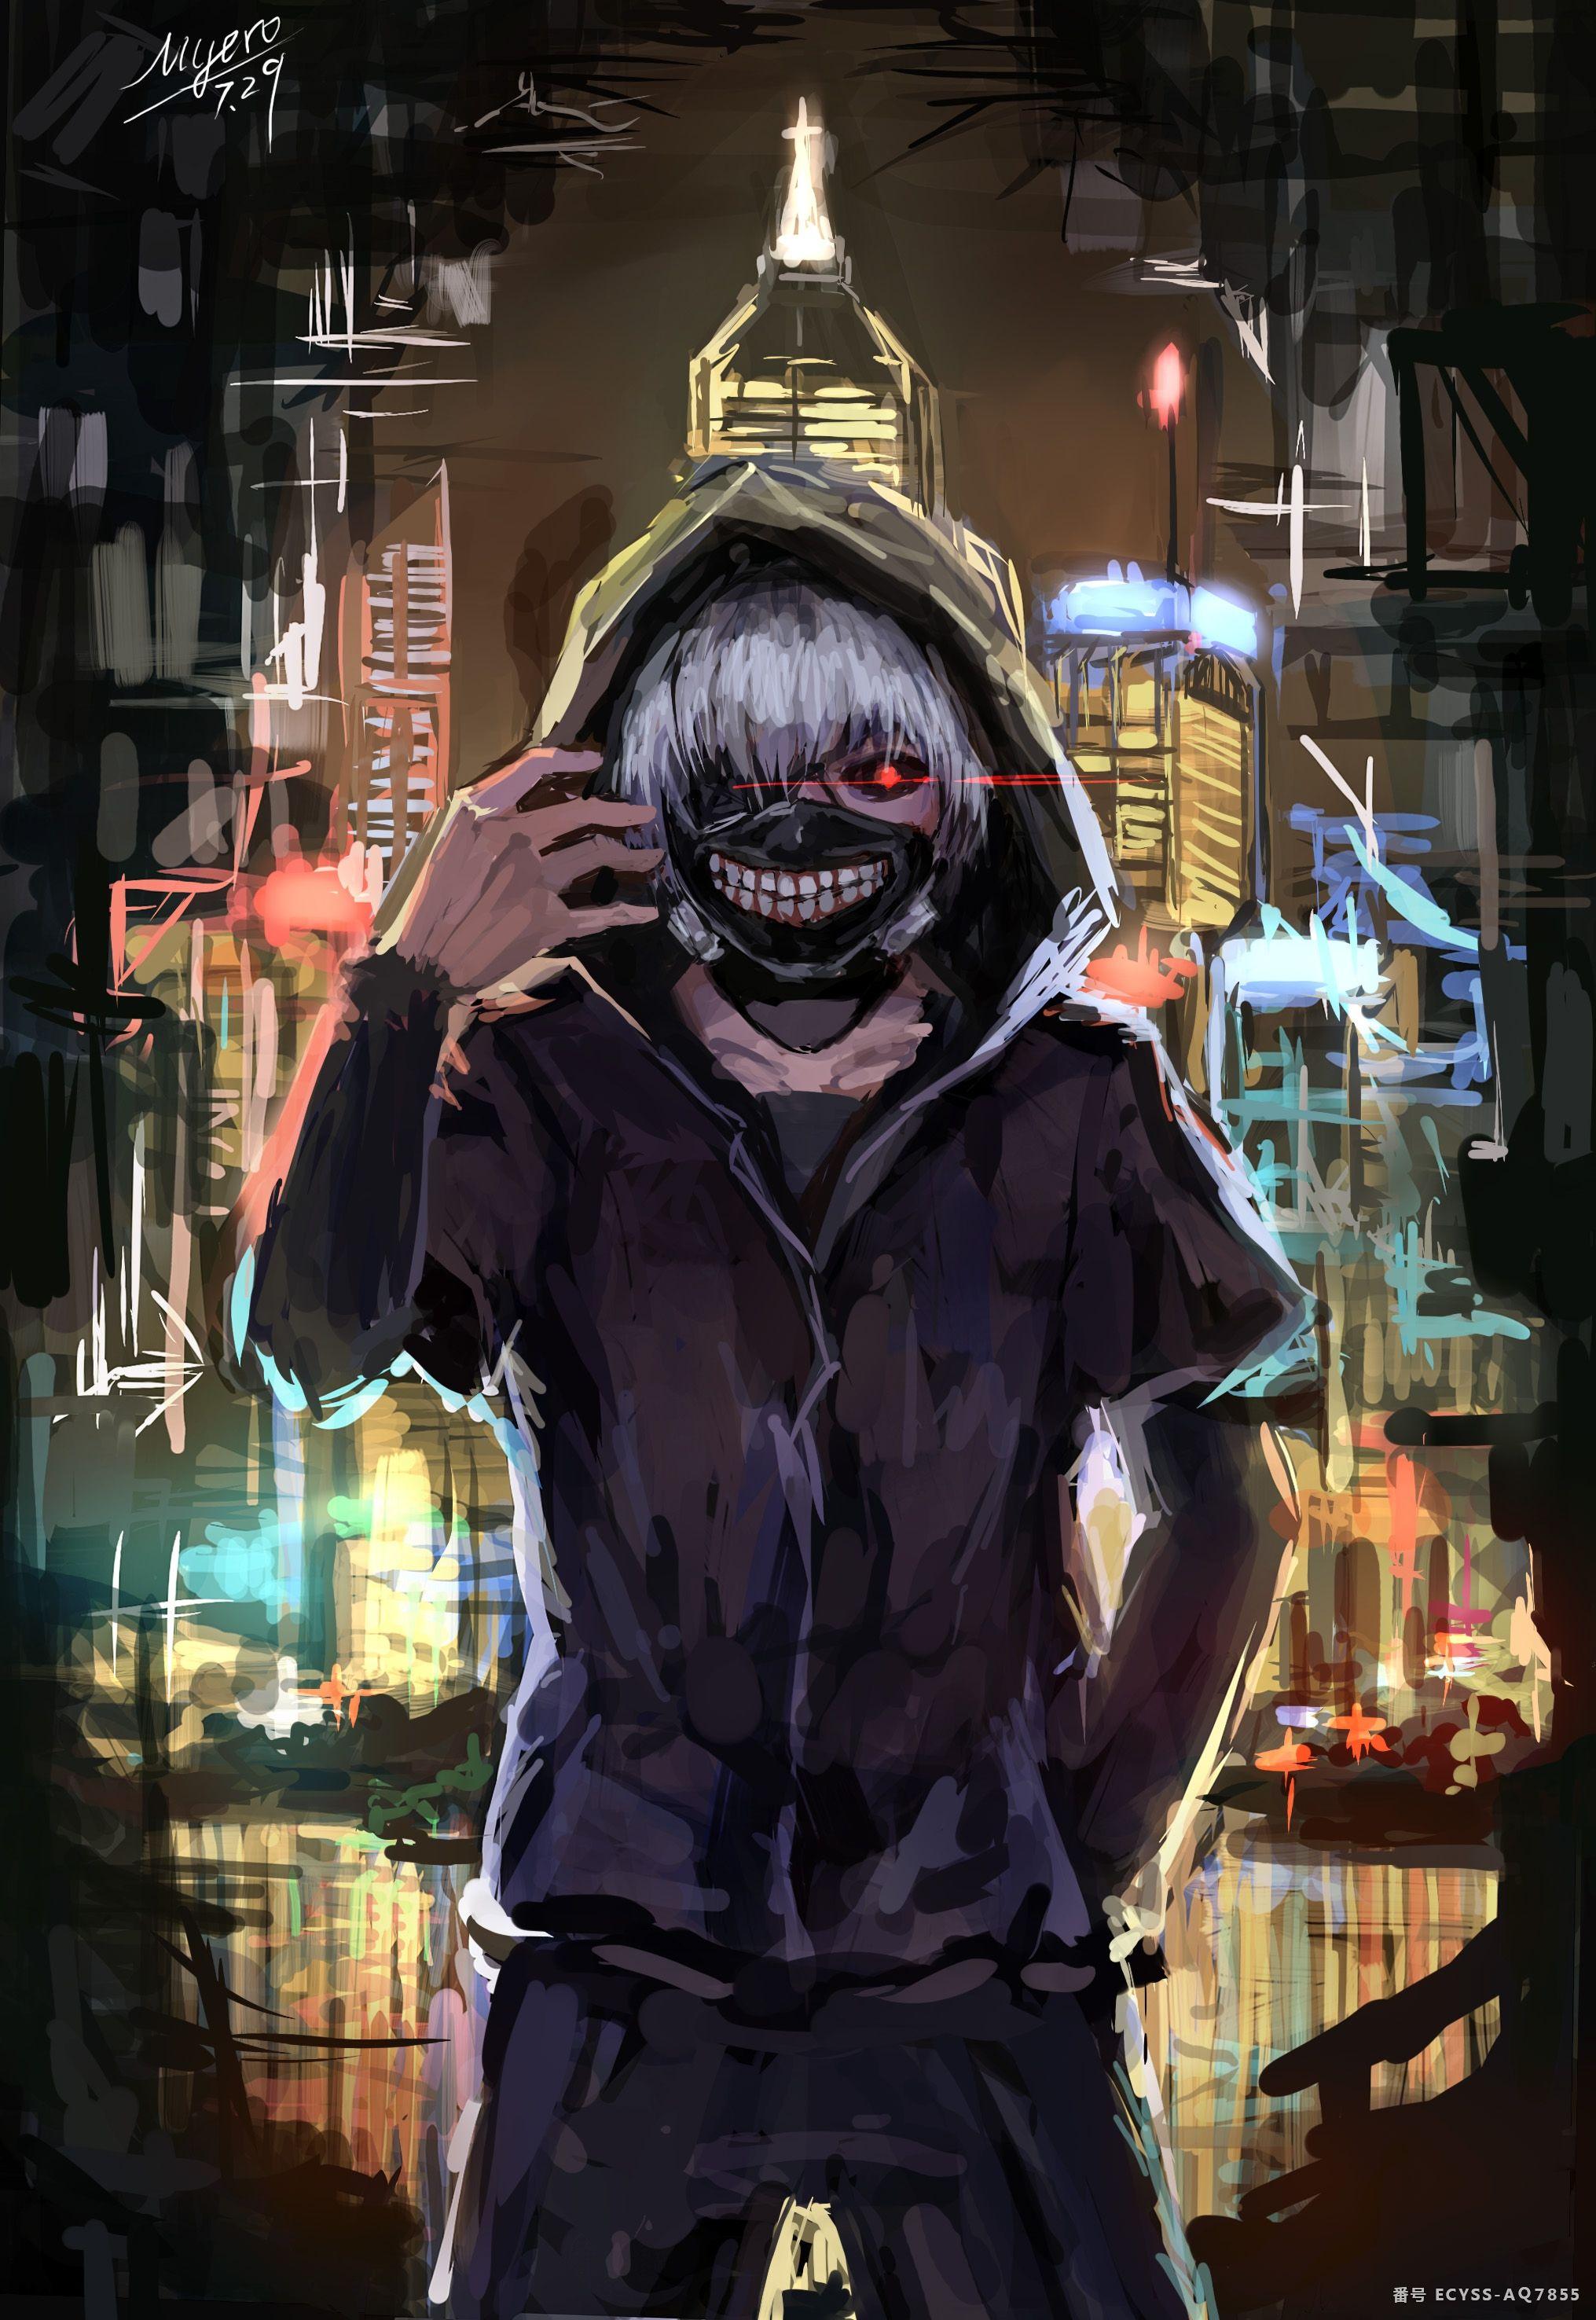 Pin Oleh Fabian Luisi Di Tokyo Ghoul Jepang Tokyo Tokyo Ghoul Animasi